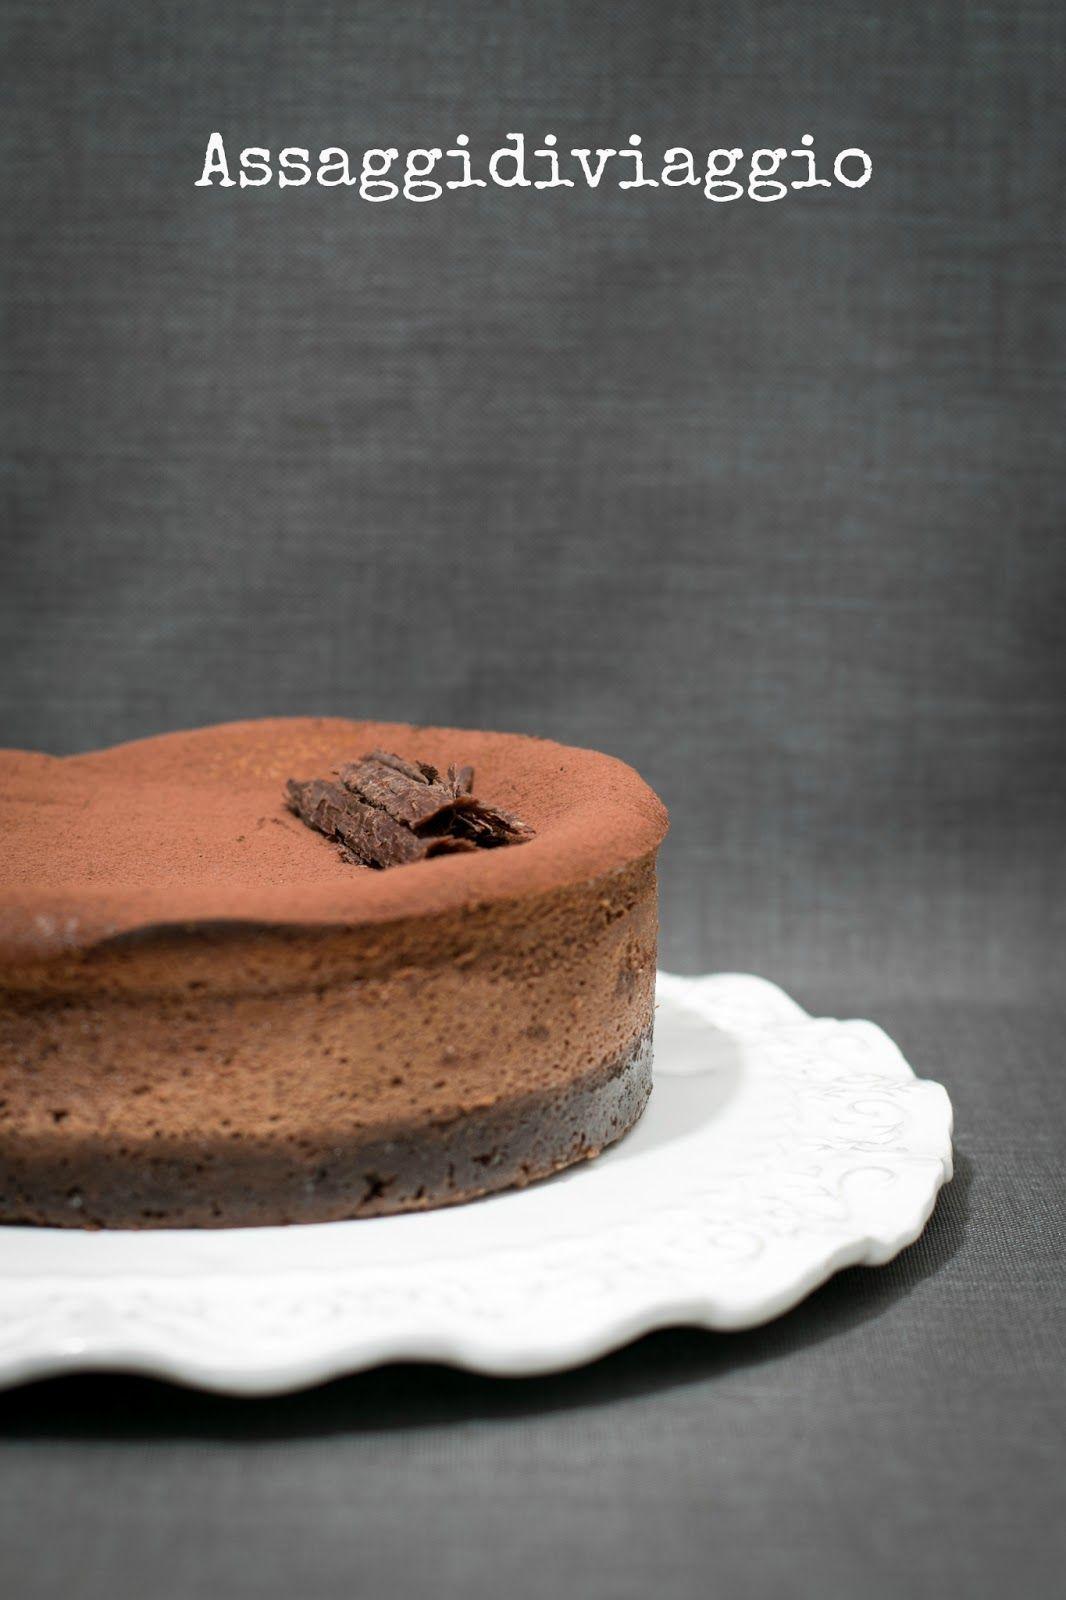 Assaggidiviaggio New York Cheesecake Al Doppio Cioccolato Eat Me